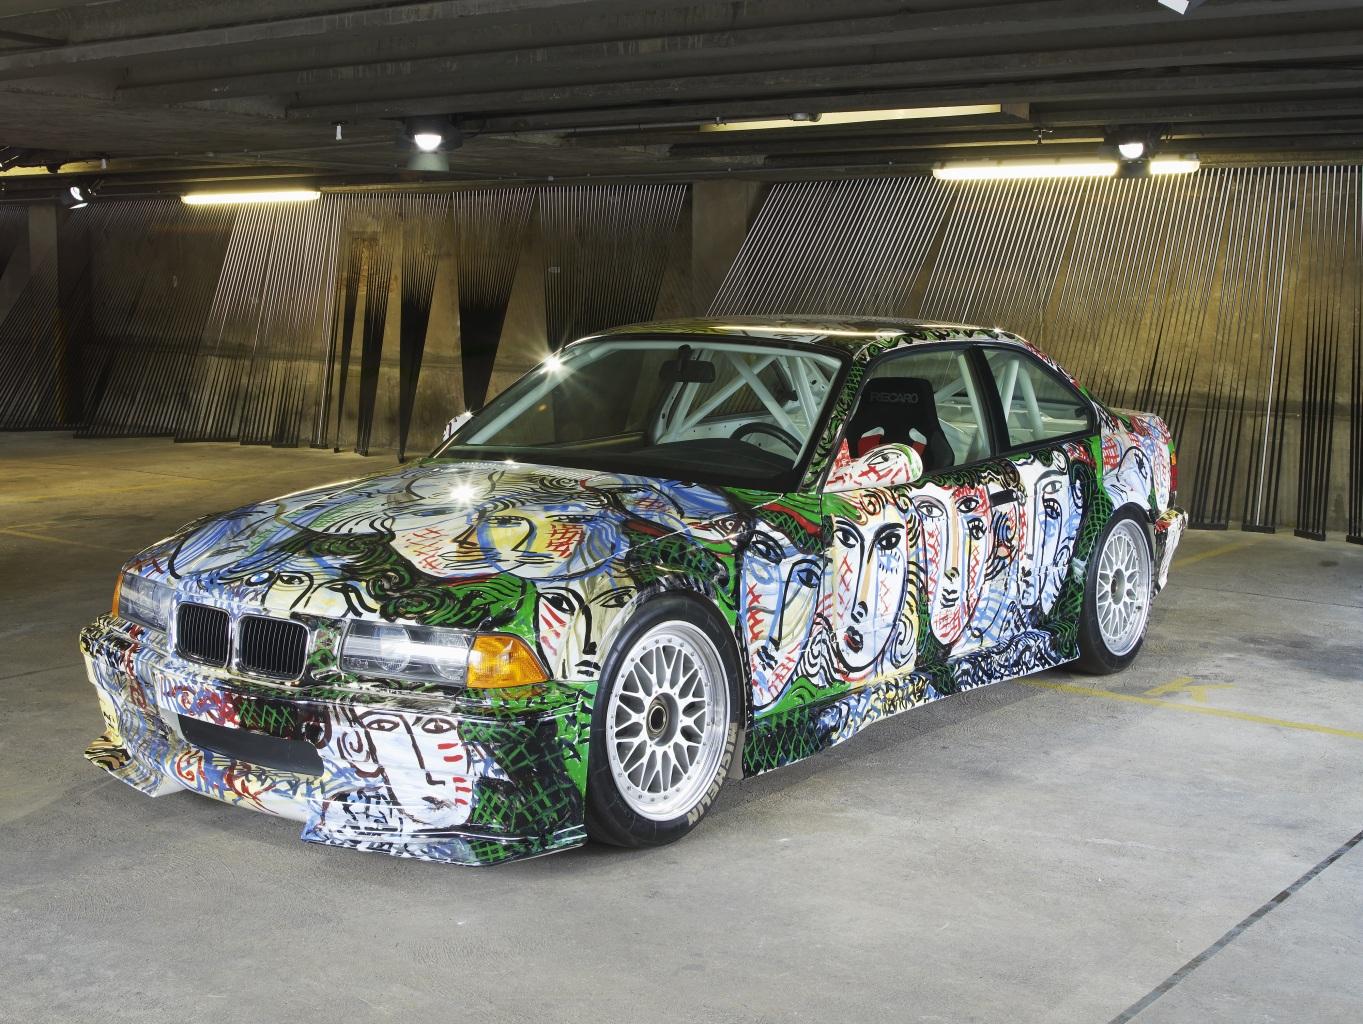 Обои для рабочего стола BMW Стайлинг 1992 3 Series Coupe Art Car by Sandro Chia Автомобили БМВ Тюнинг авто машина машины автомобиль